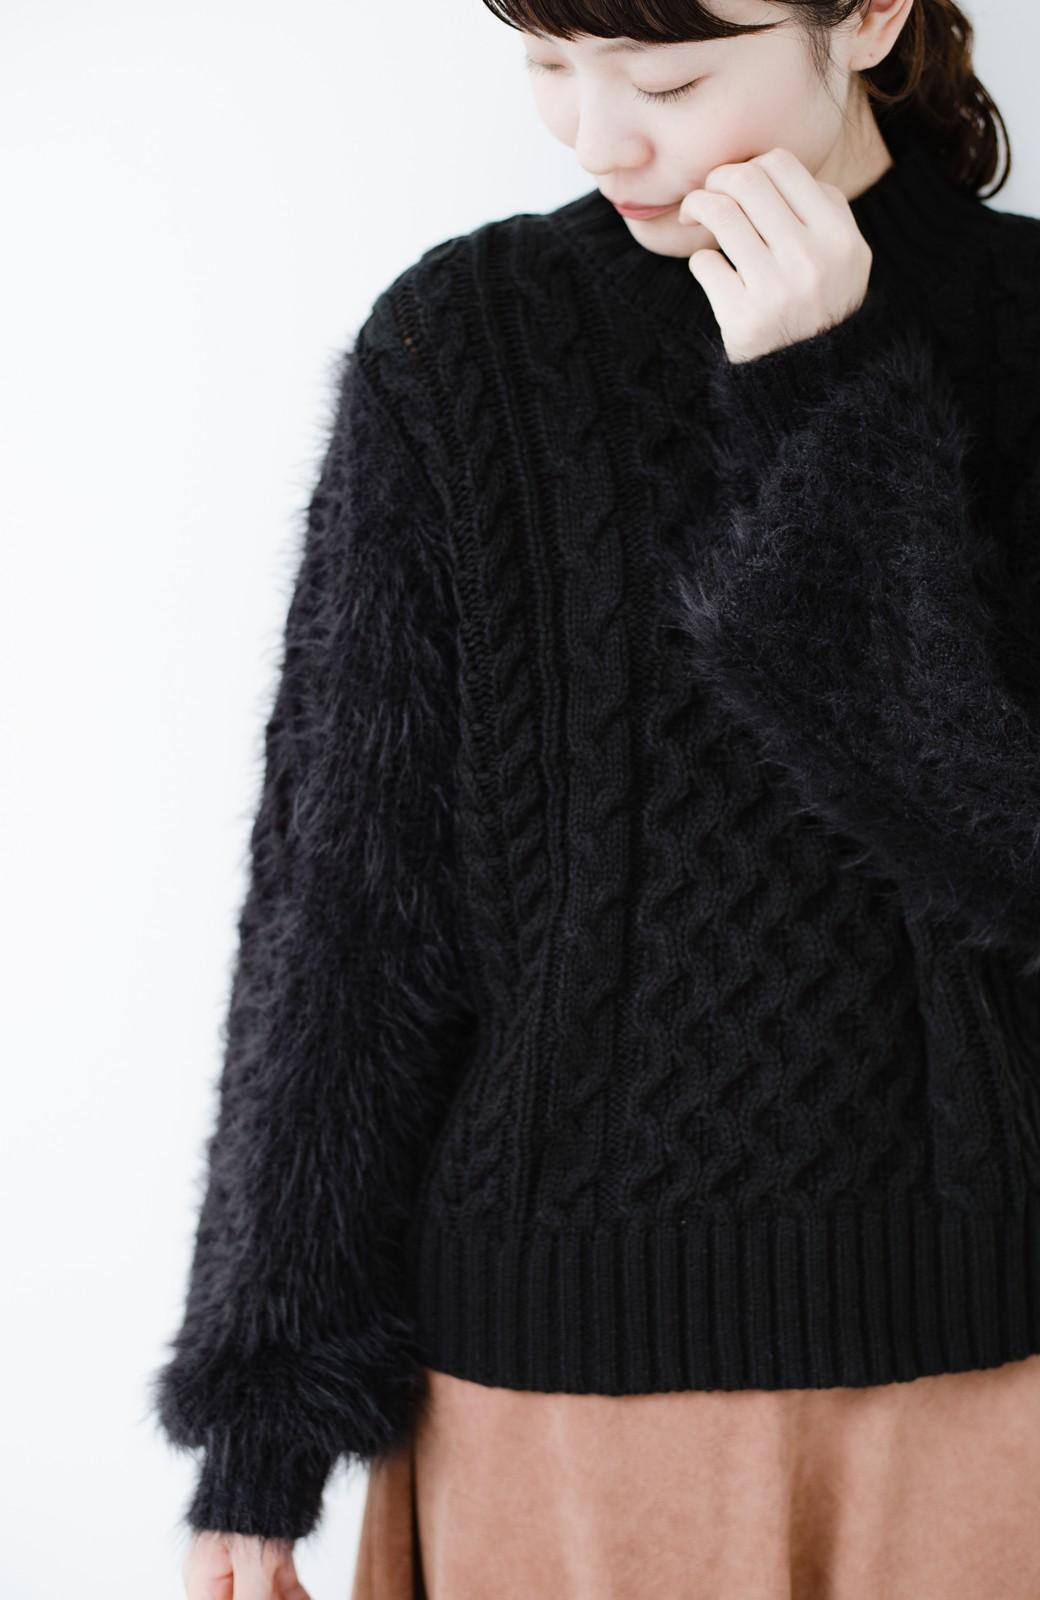 haco! ケーブル編みの袖フェザーヤーンニットトップス <ブラック>の商品写真10